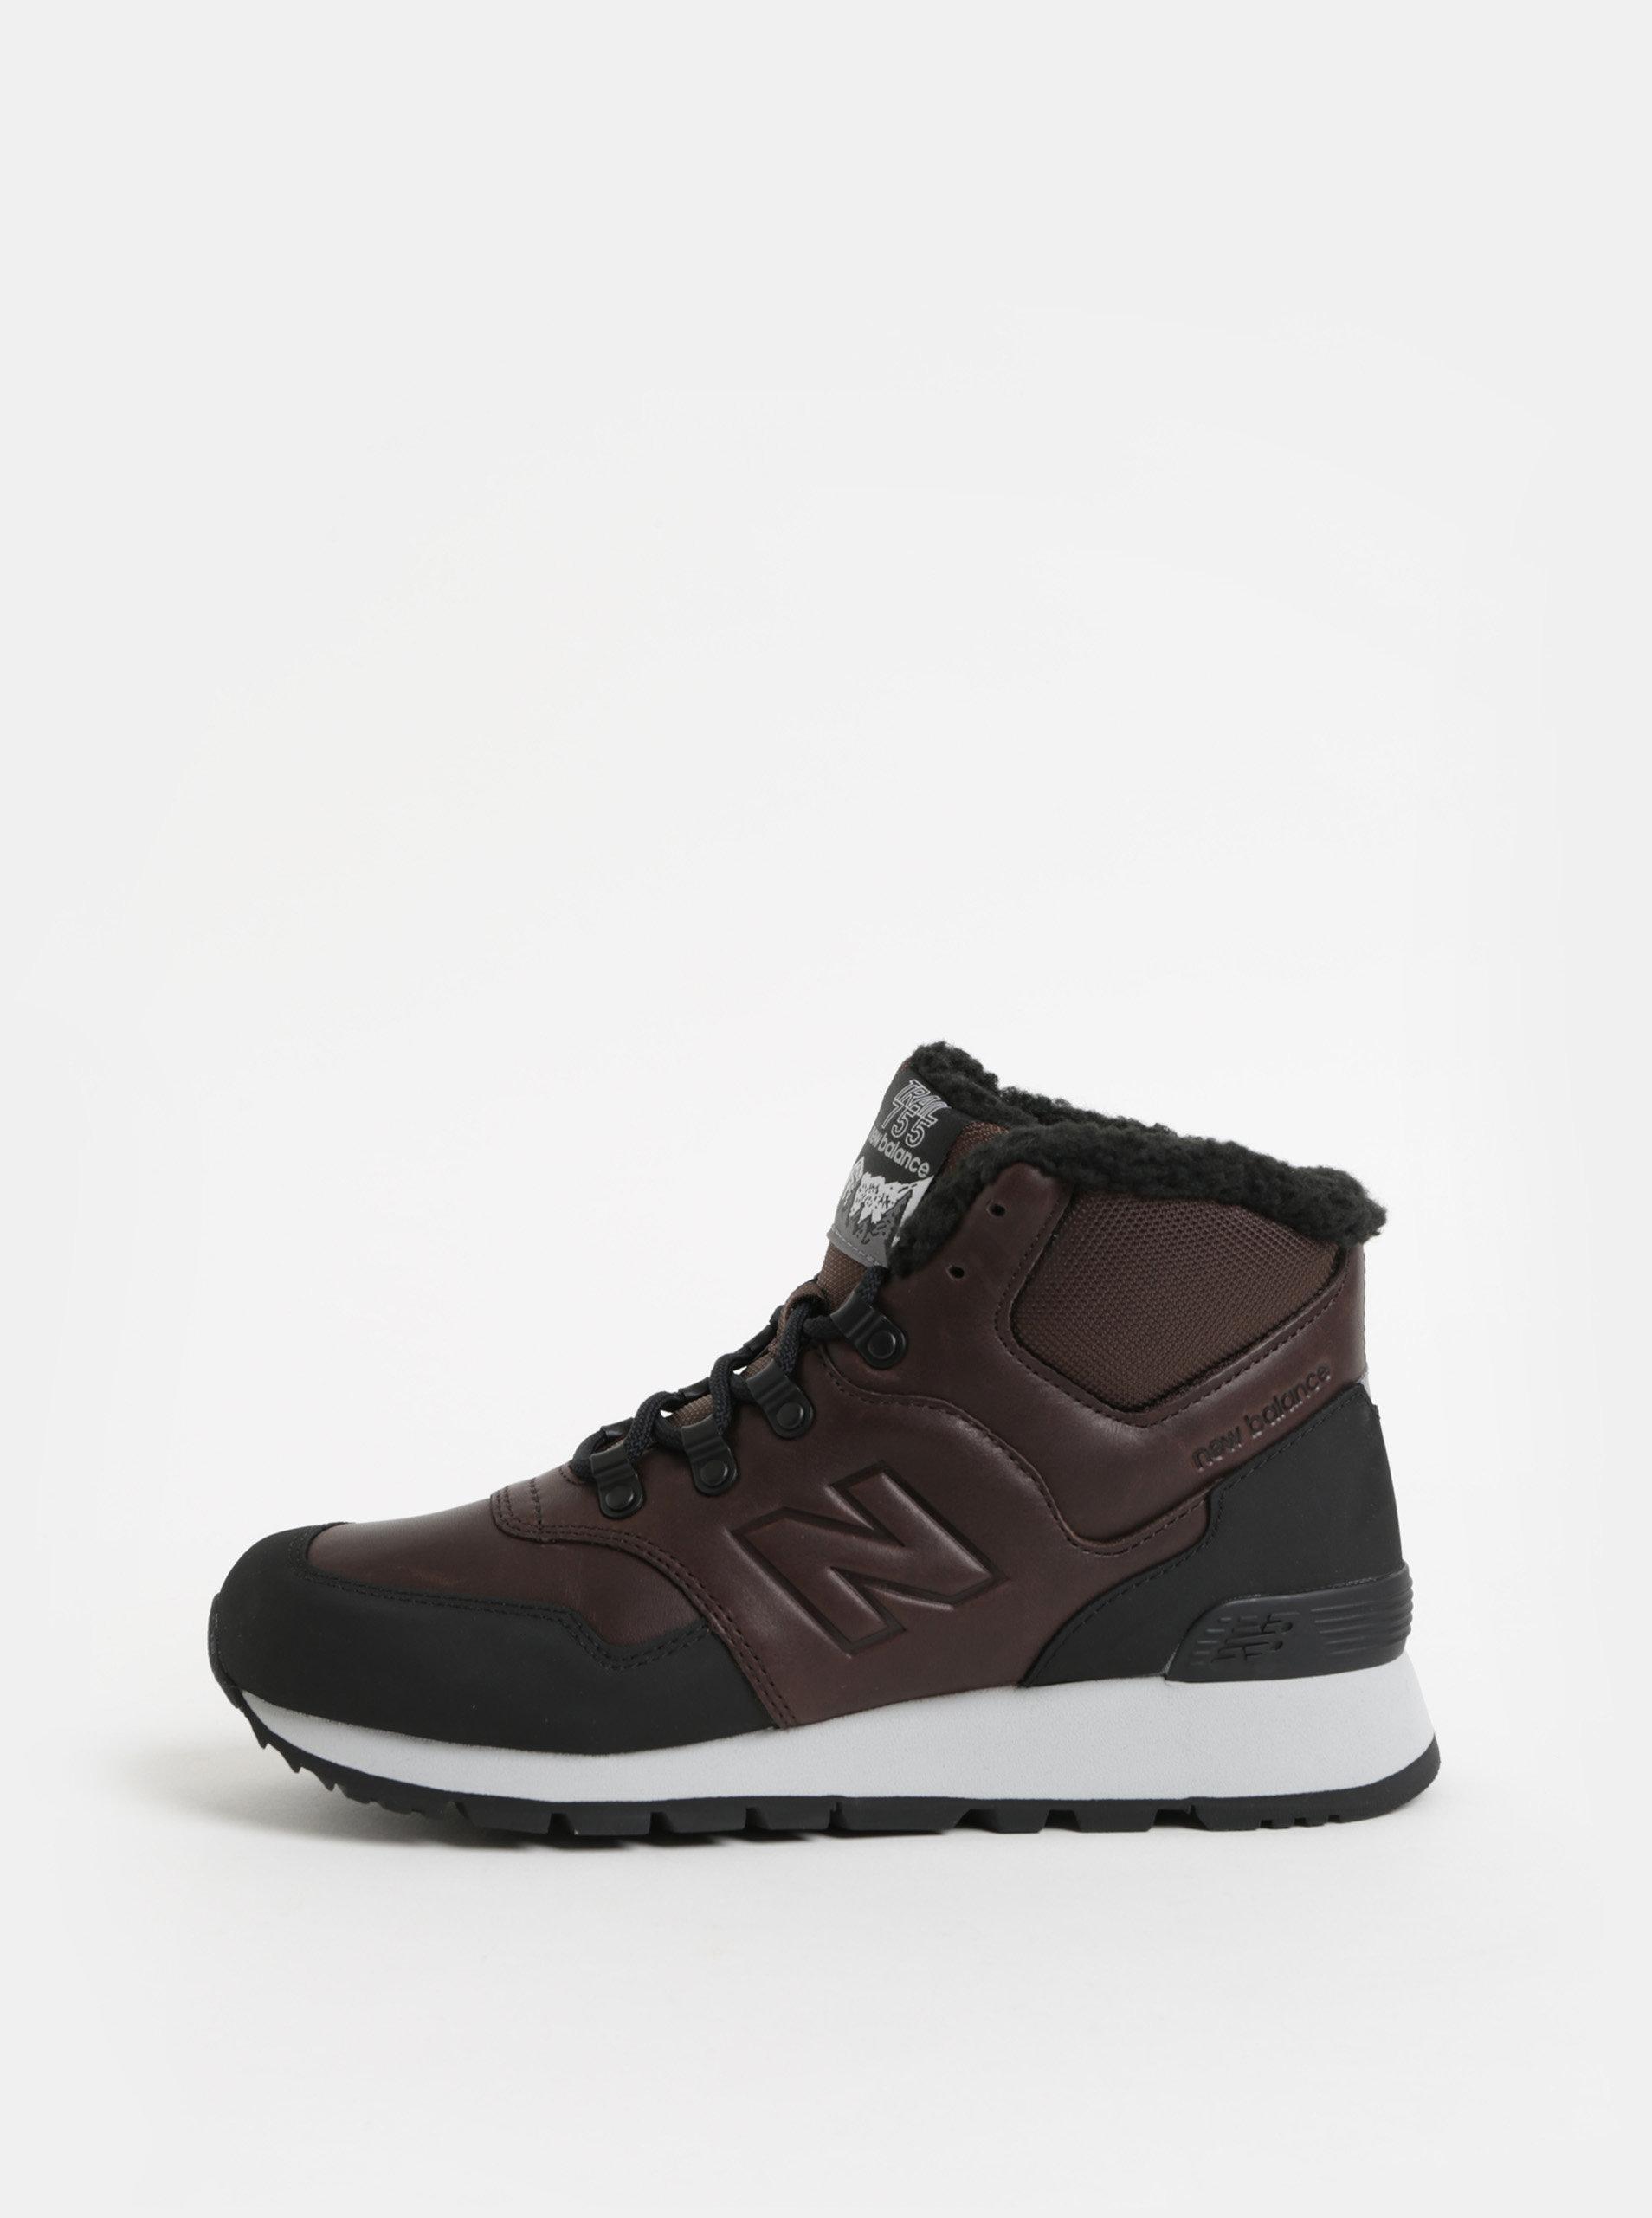 Černo-hnědé pánské kožené kotníkové zimní tenisky s umělým kožíškem New  Balance ... 2afb5c153c1